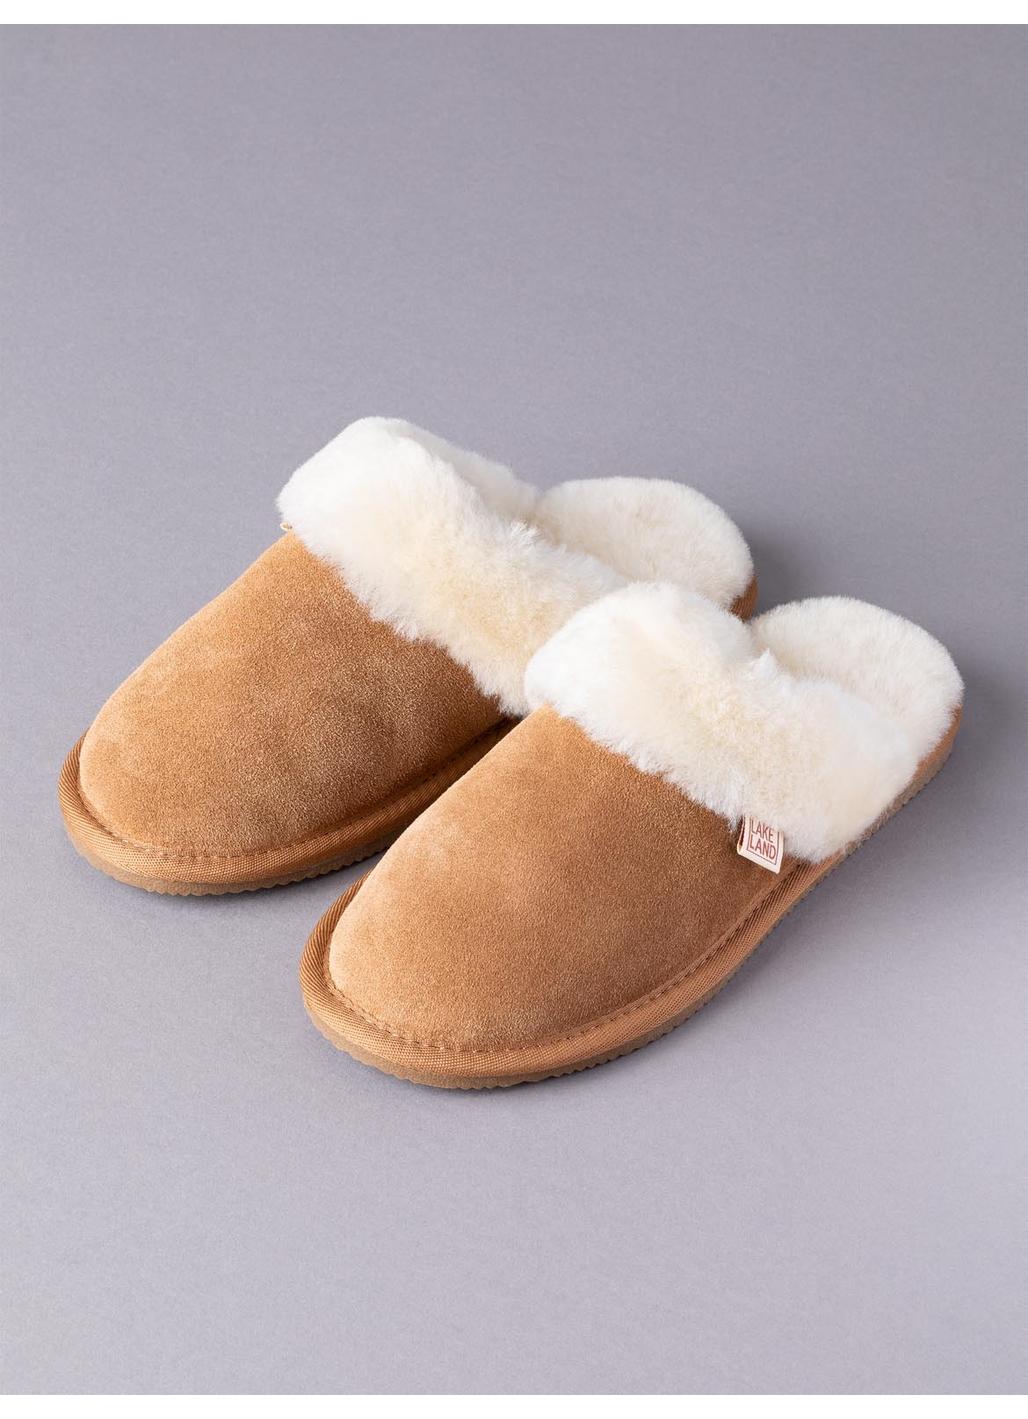 Ladies' Sheepskin Slider Slippers in Tan